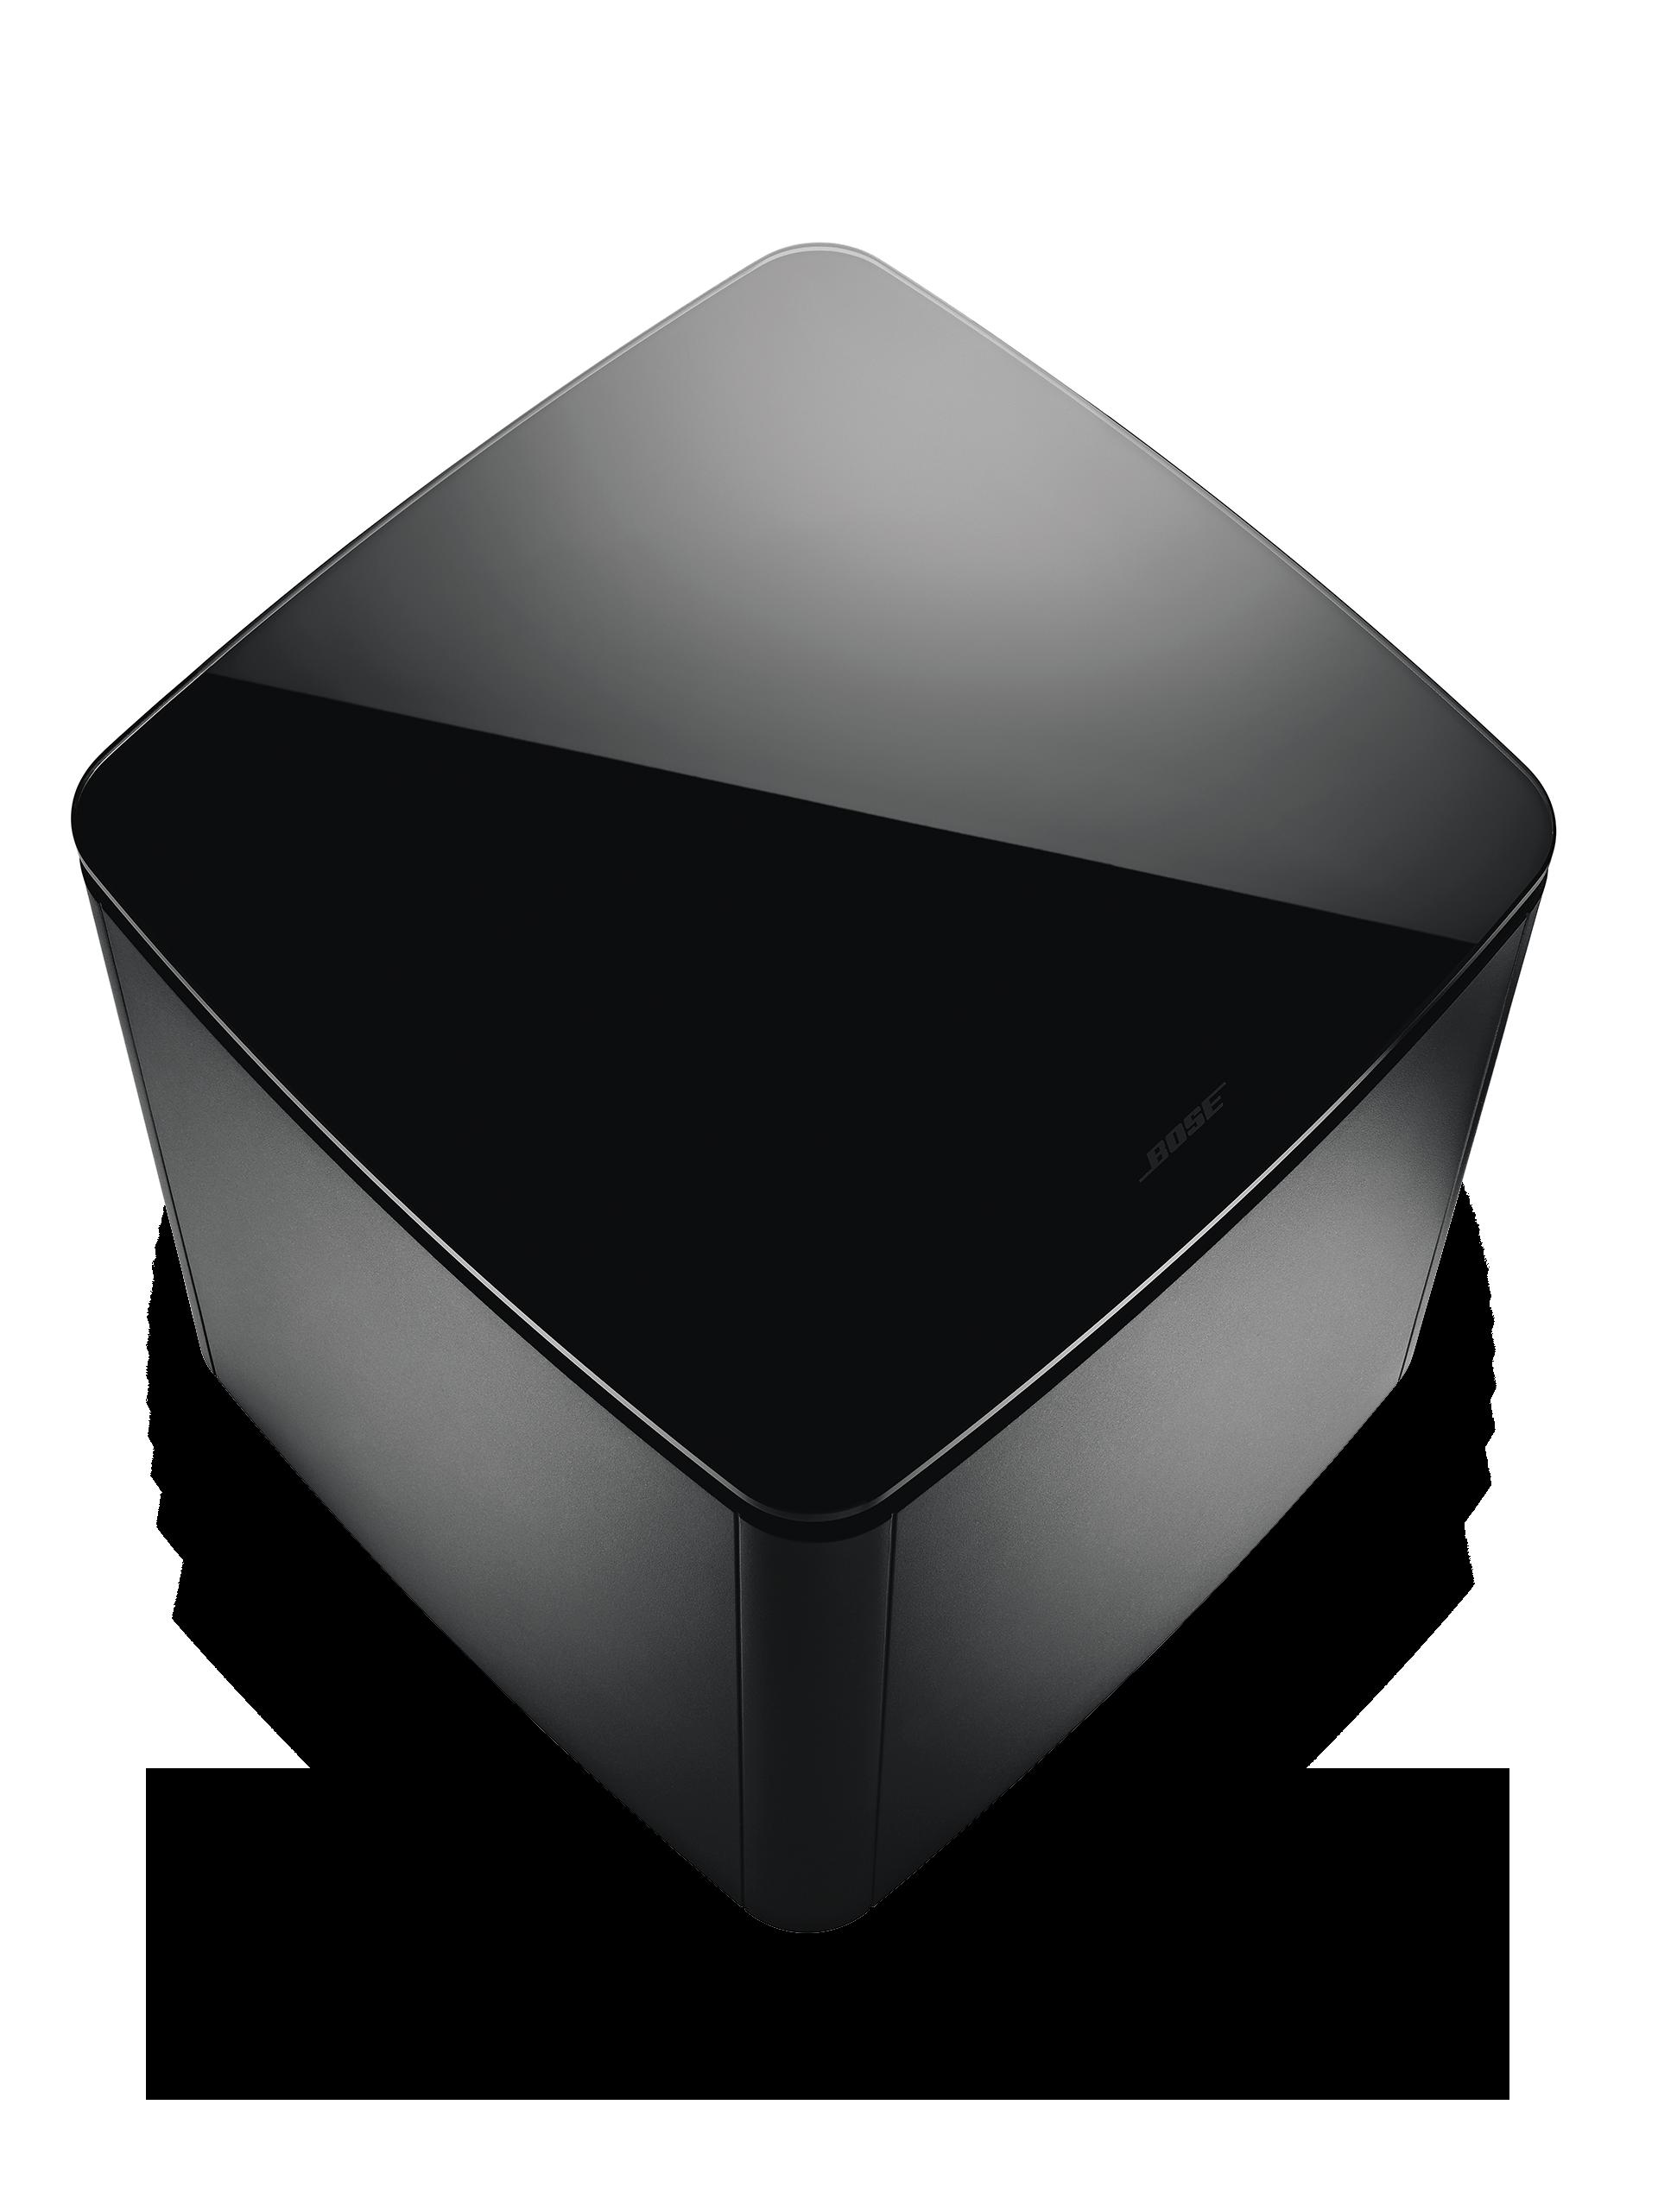 module de basses sans fil acoustimass 300 controlsound. Black Bedroom Furniture Sets. Home Design Ideas